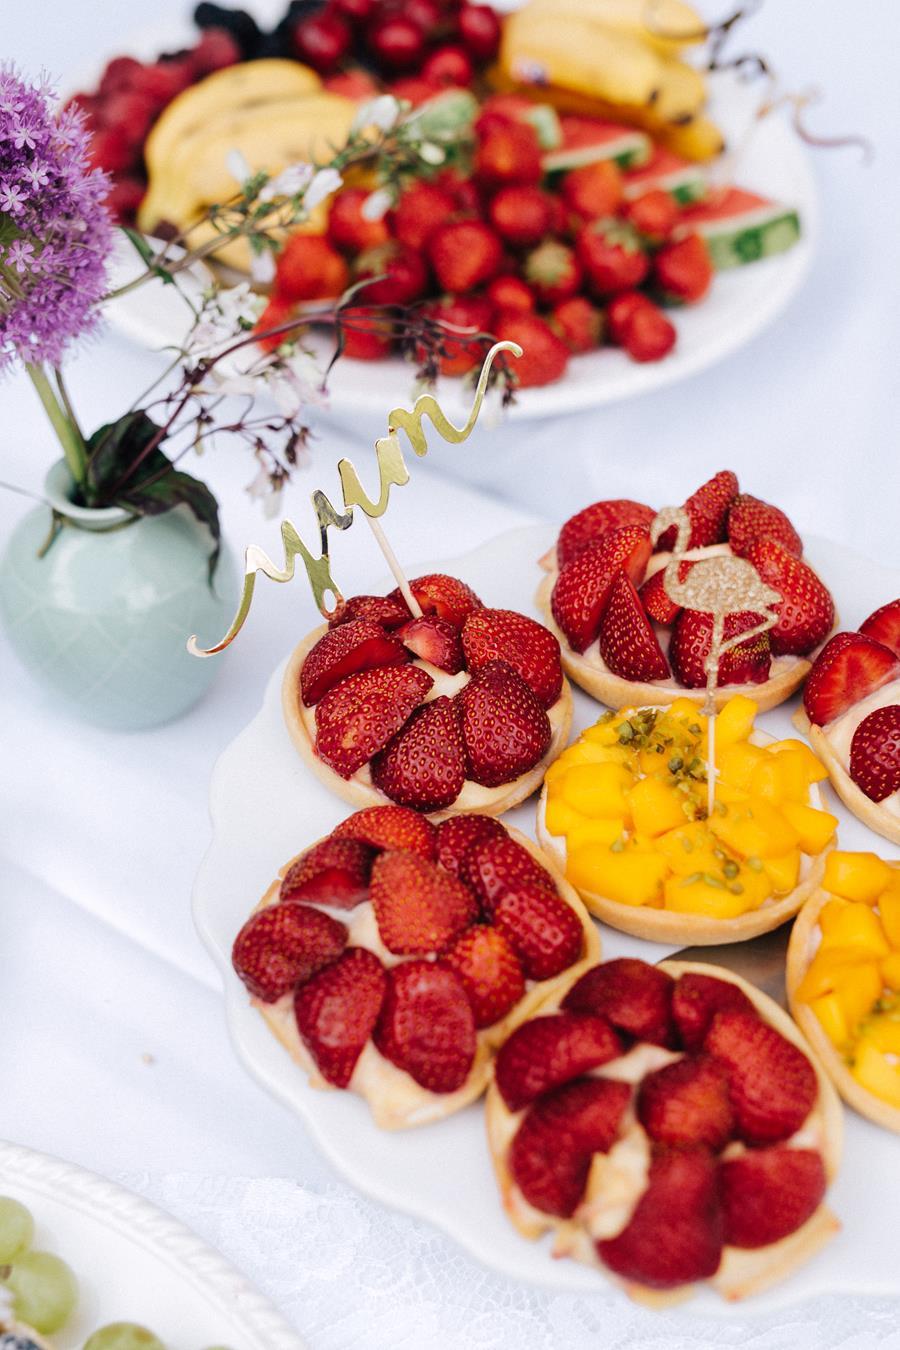 Sweet Table mit Obst und Beeren bei einer Hochzeit